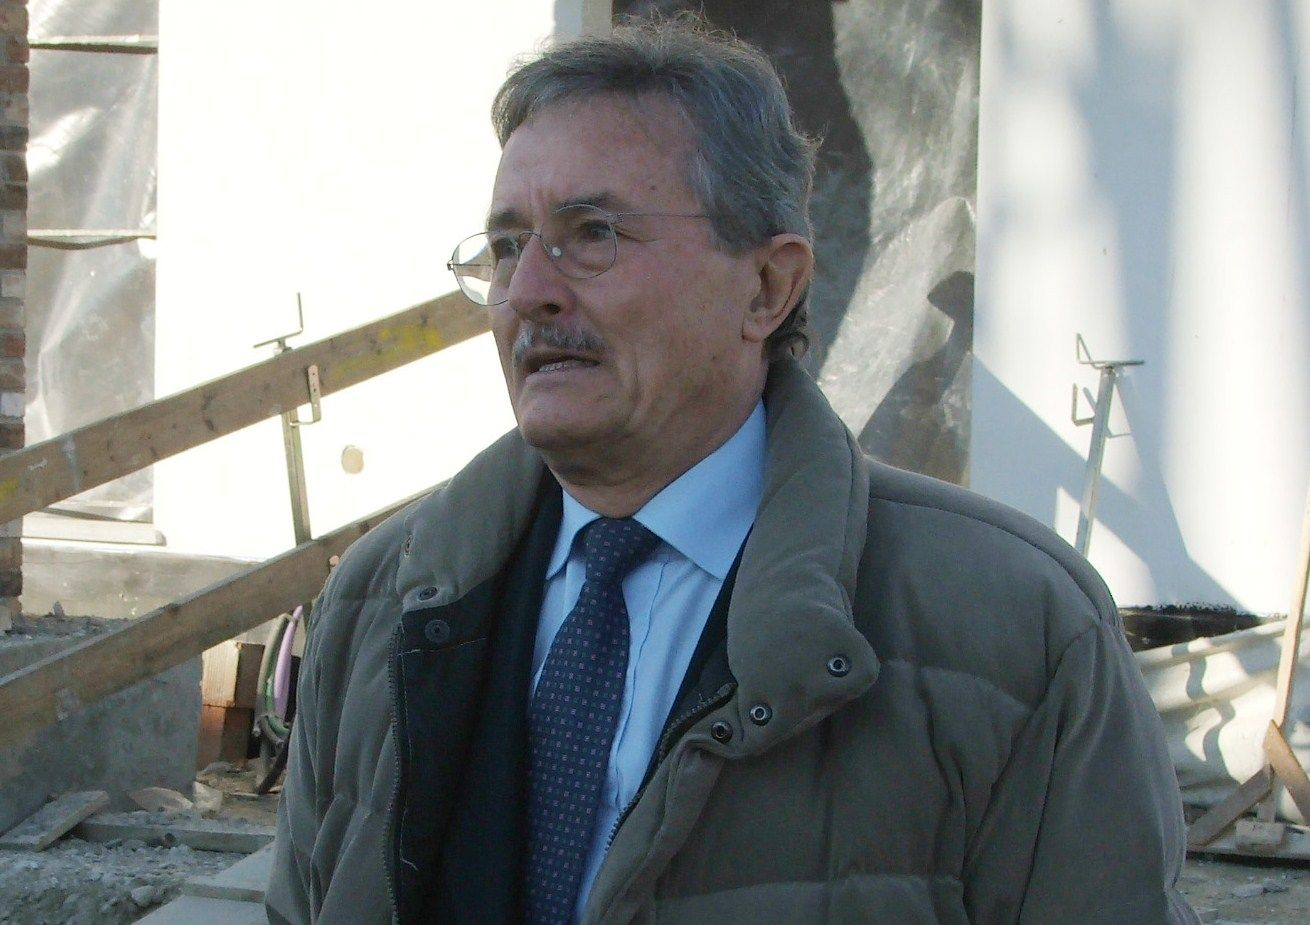 PROCESSO MINOTAURO - Nevio Coral lascia il carcere. A Torino torna a processo Antonino Battaglia